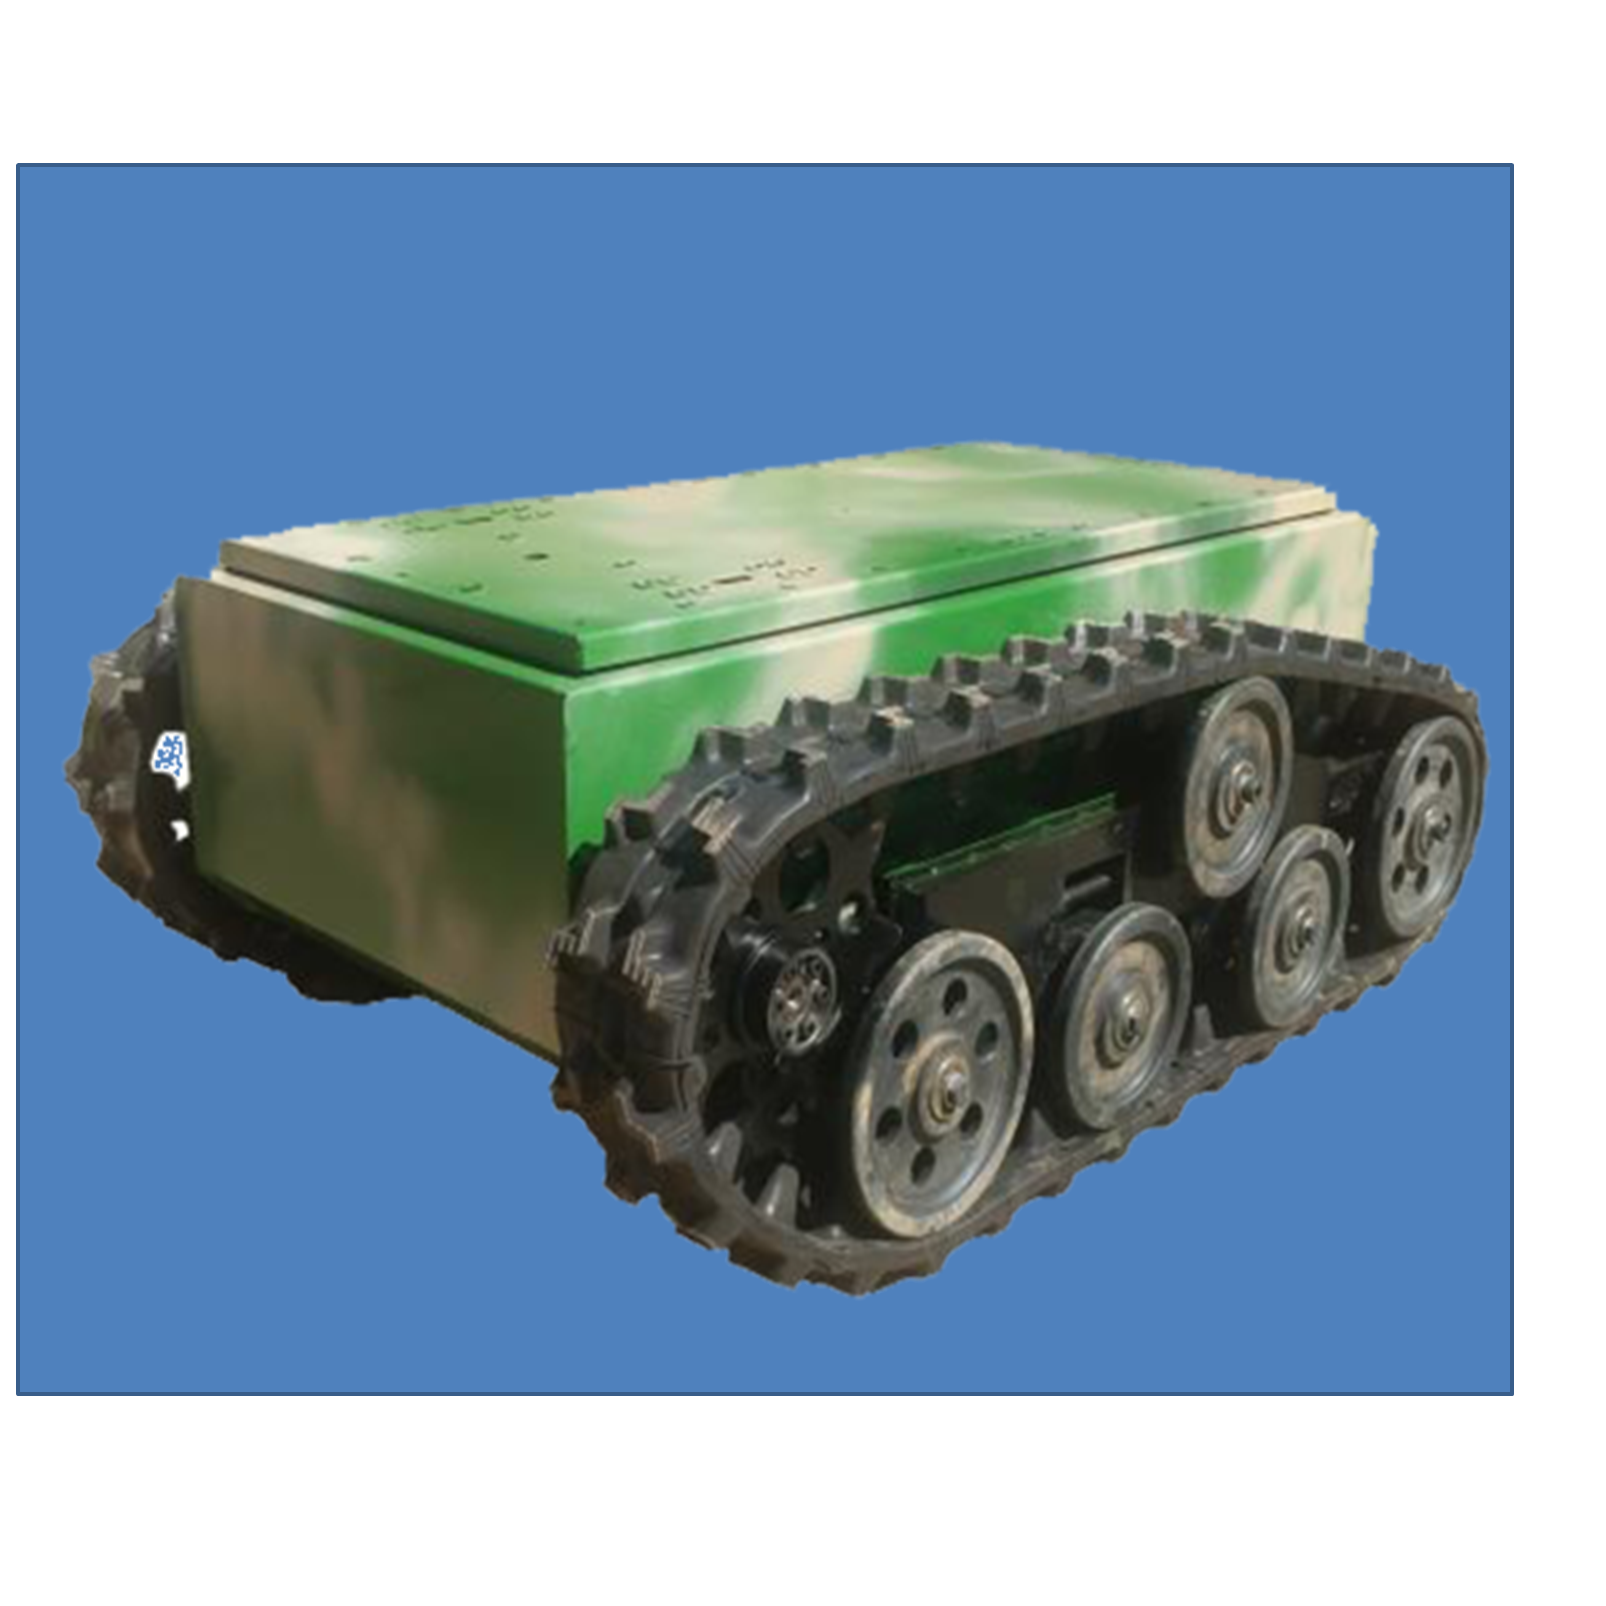 All terrain mobile robot